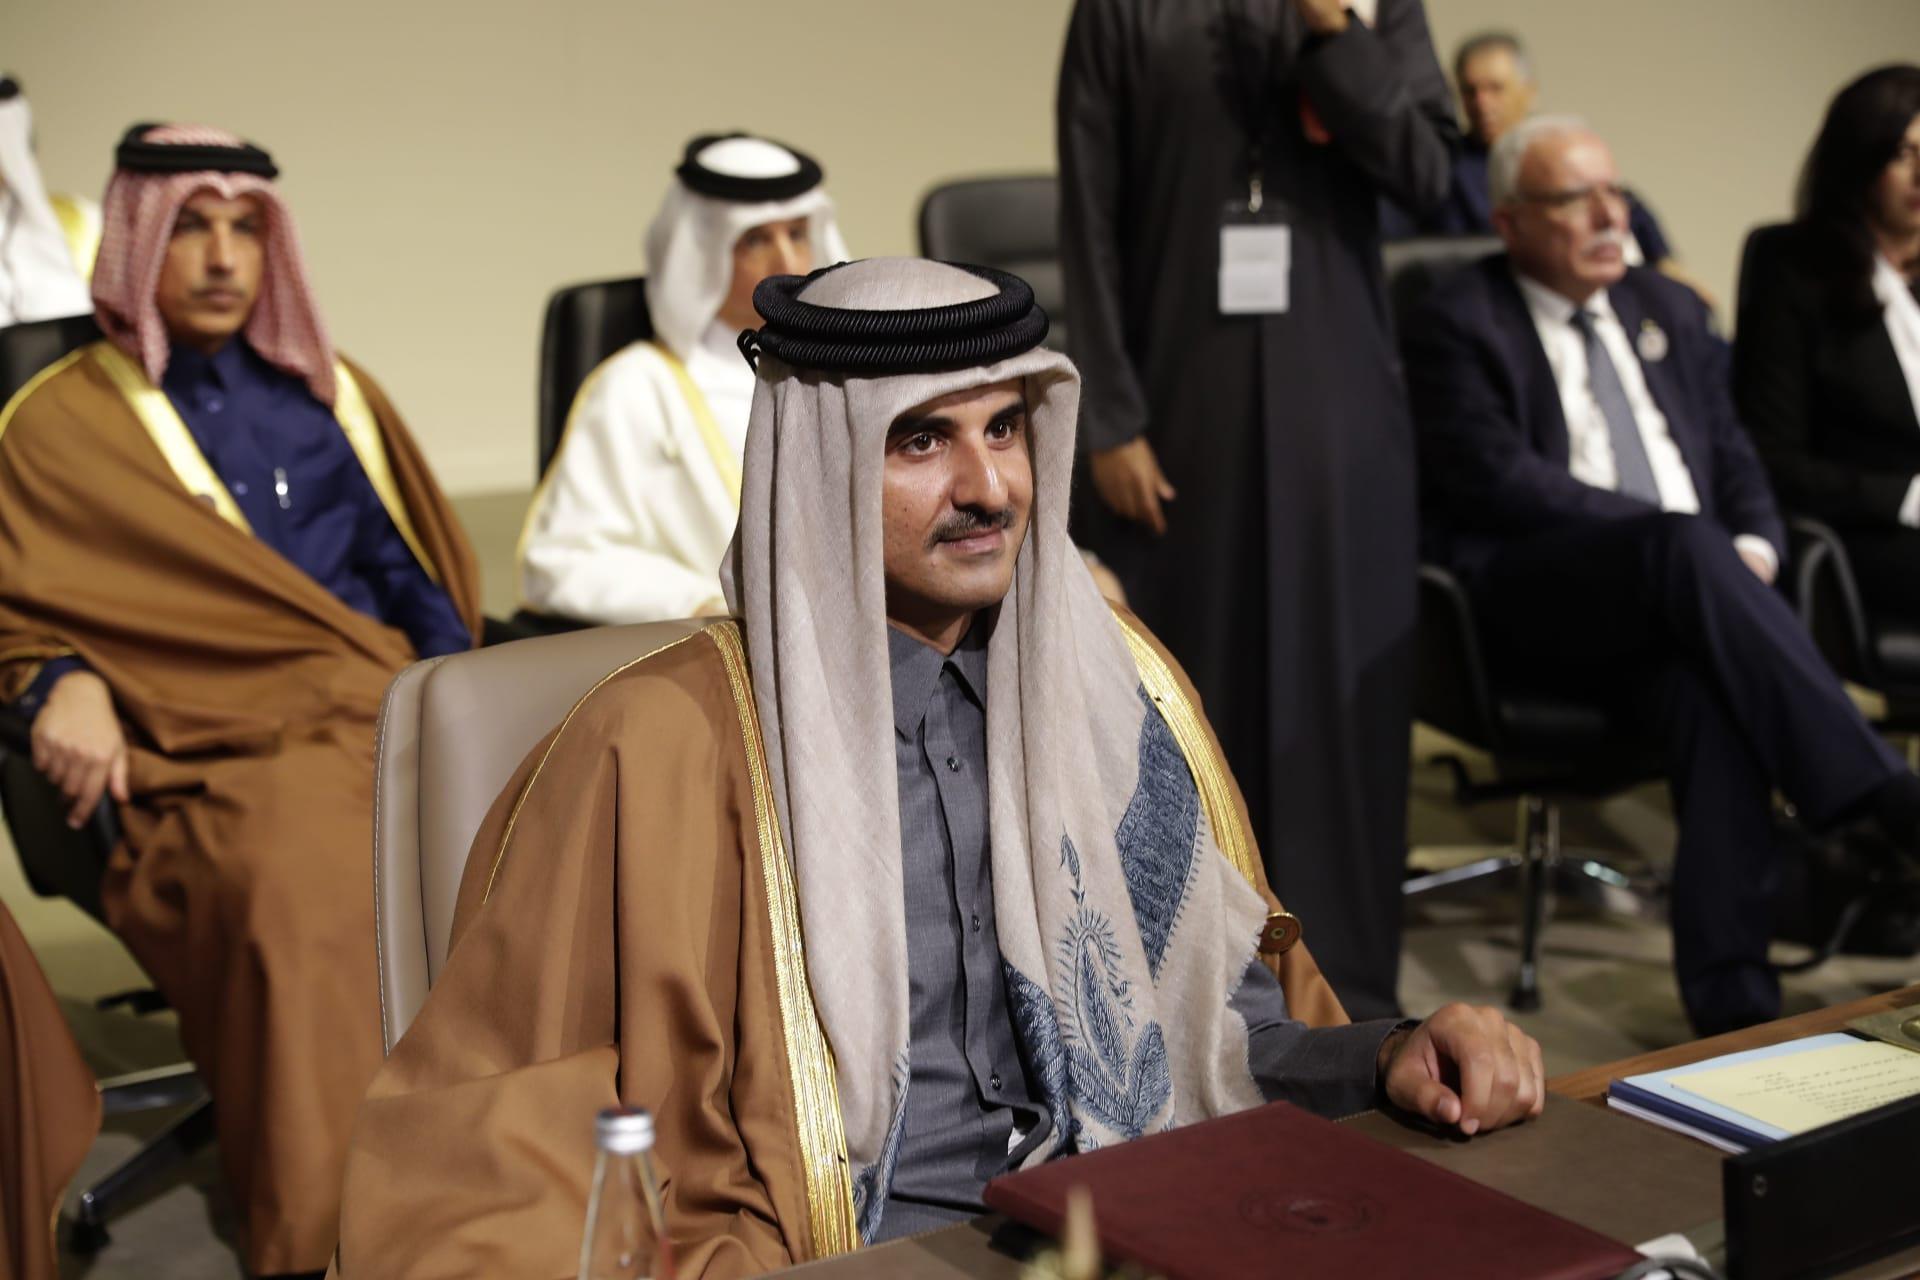 """أمير قطر: الدوحة أصبحت أقوى """"بكثير"""" منذ يونيو عام 2017"""